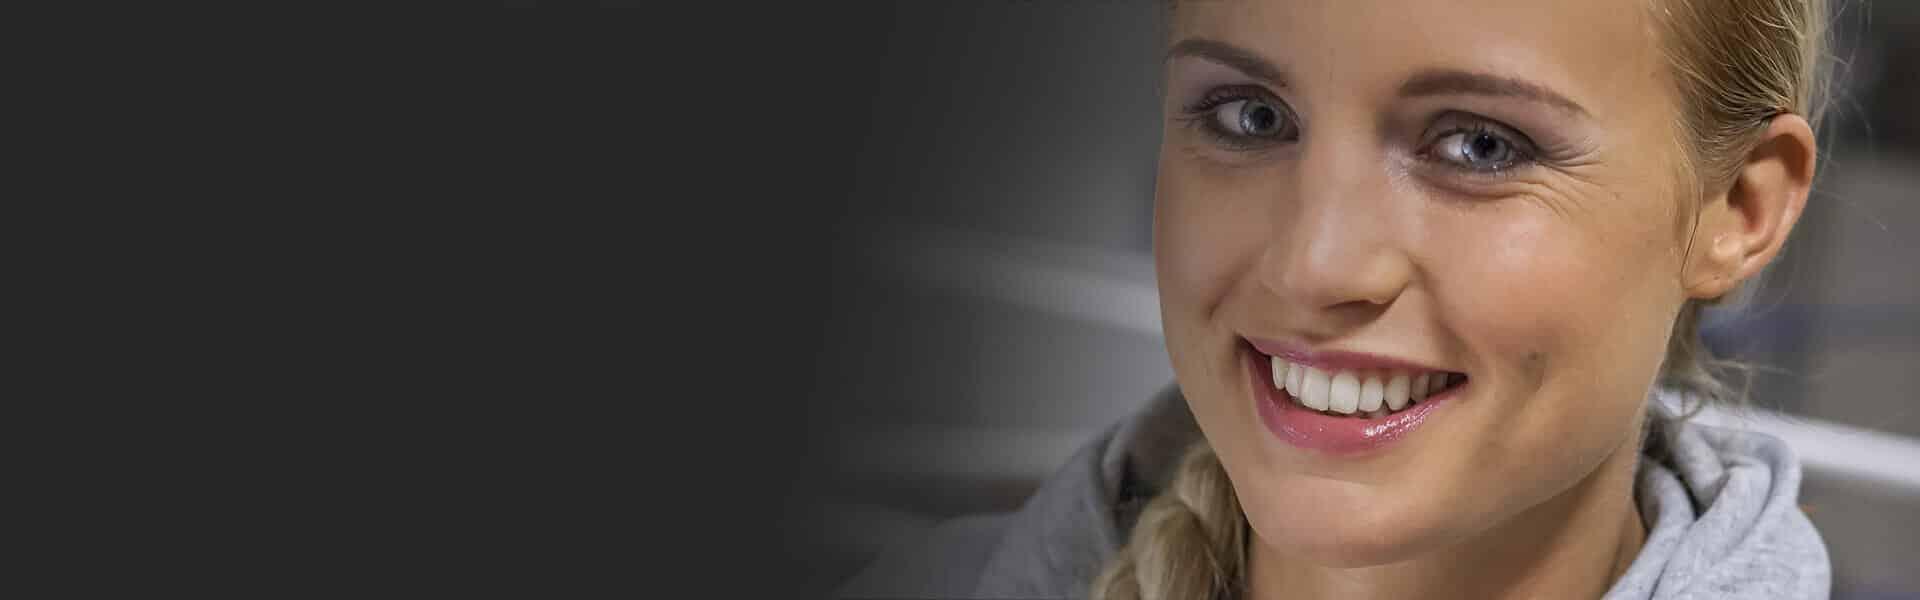 Maria Elin Olsson gjort en ögonlaseroperation med NoCut®-metoden.